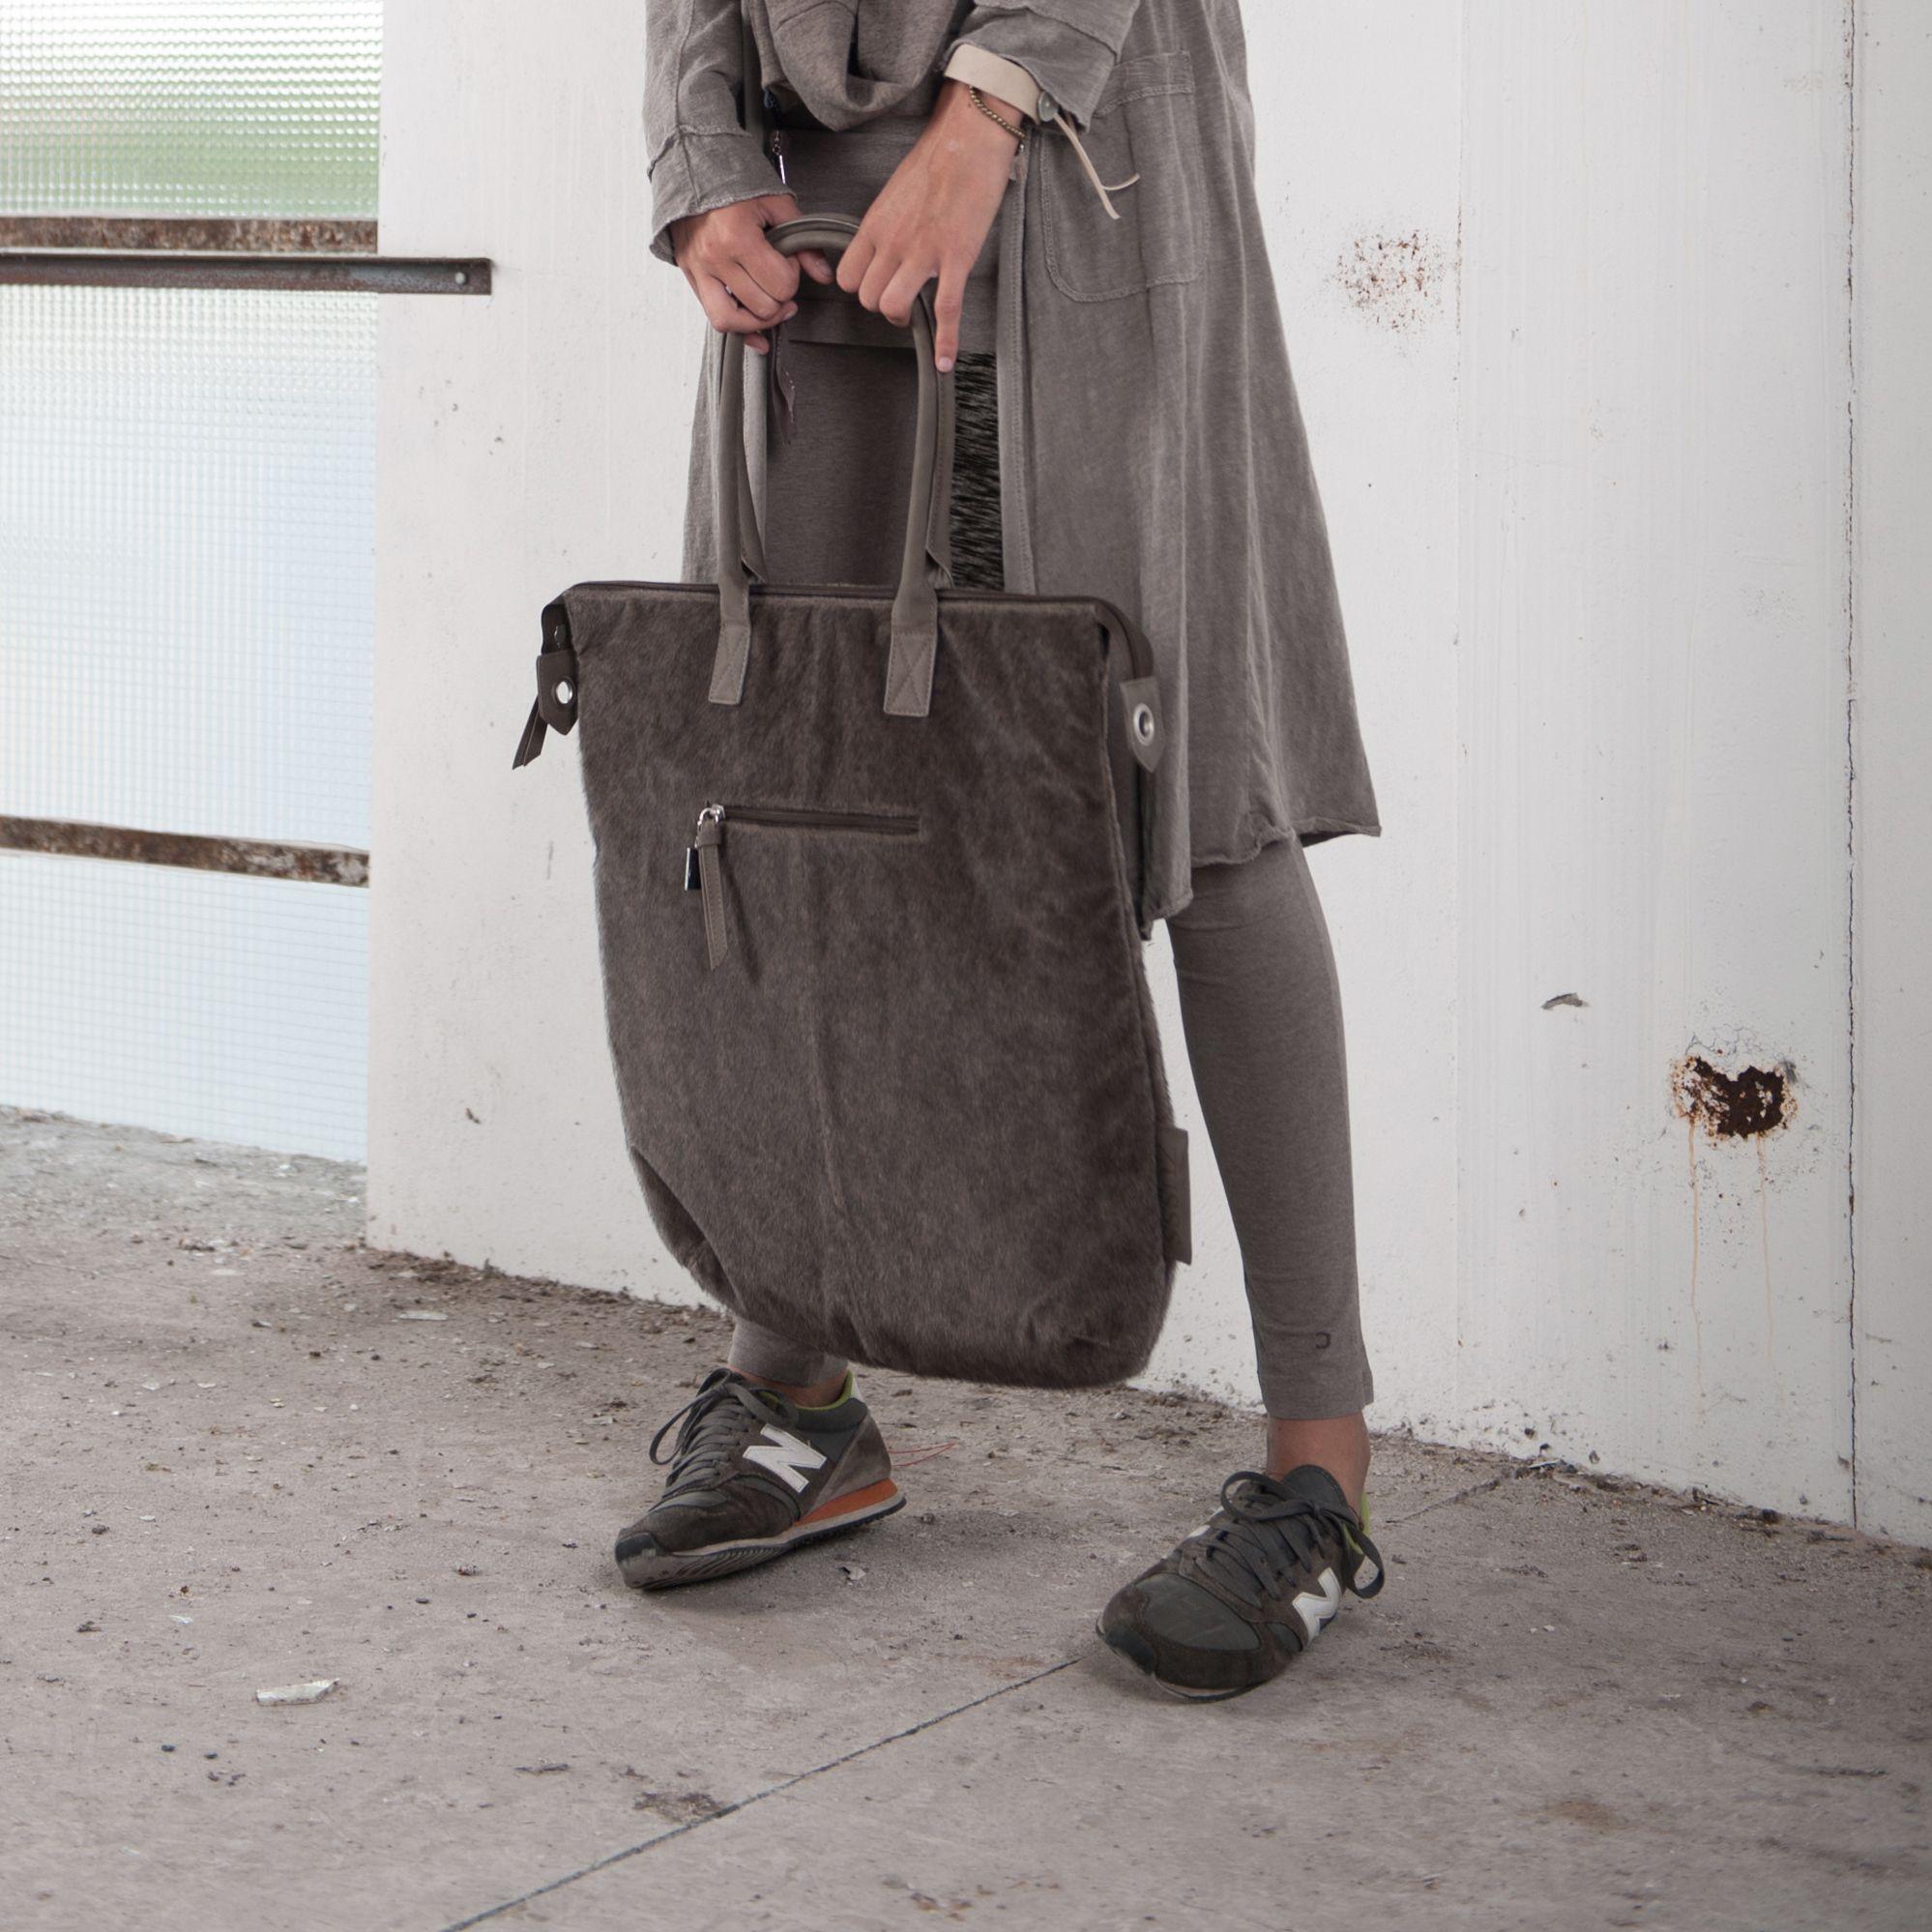 Hippe Tas A4 : Wow das een grote hippe tas makkelijke per leem